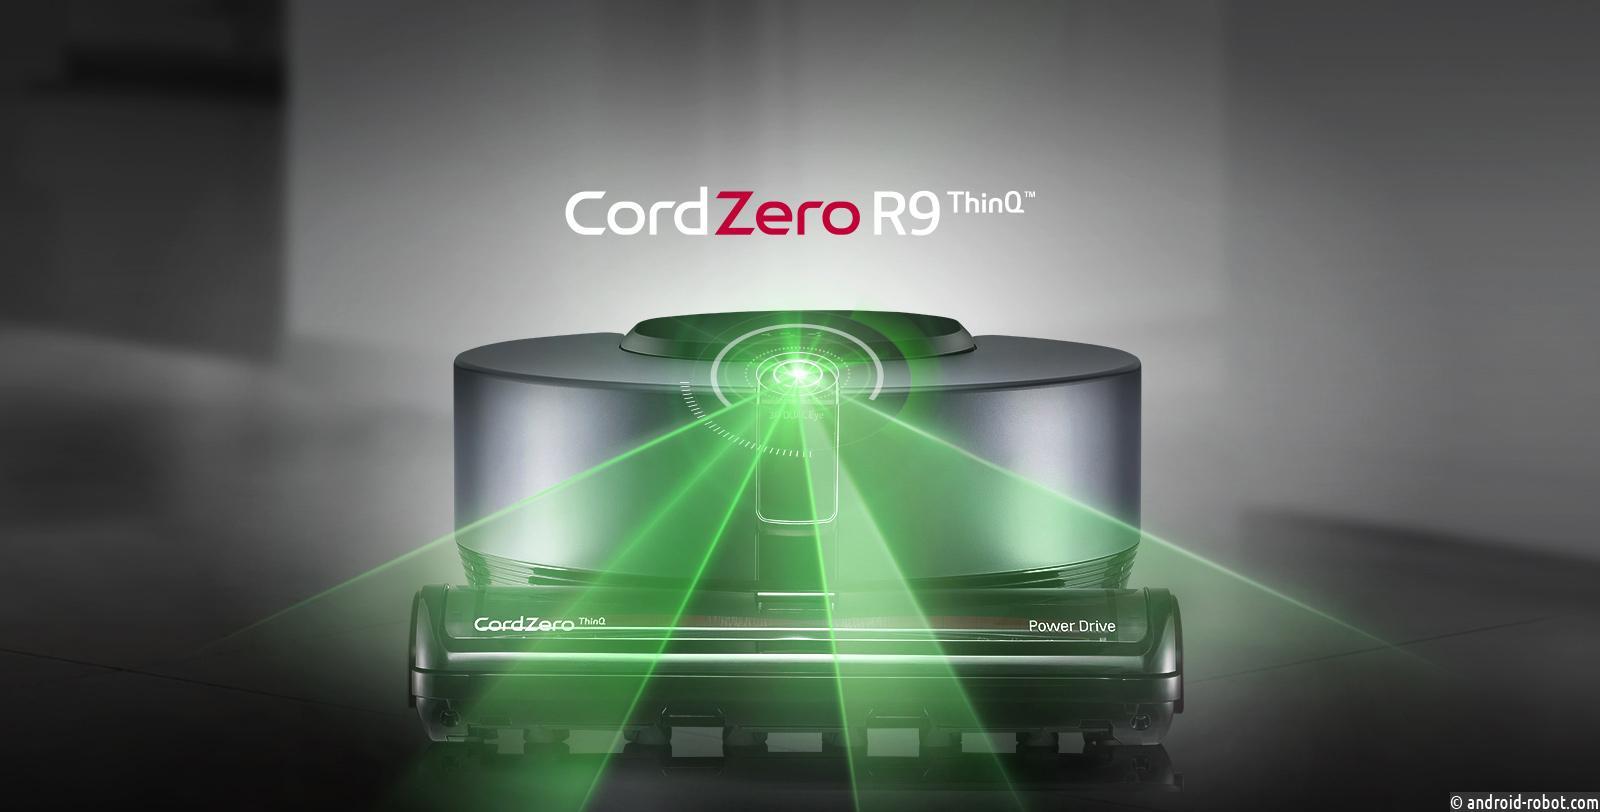 Представлен робот-пылесос LG CordZero R9